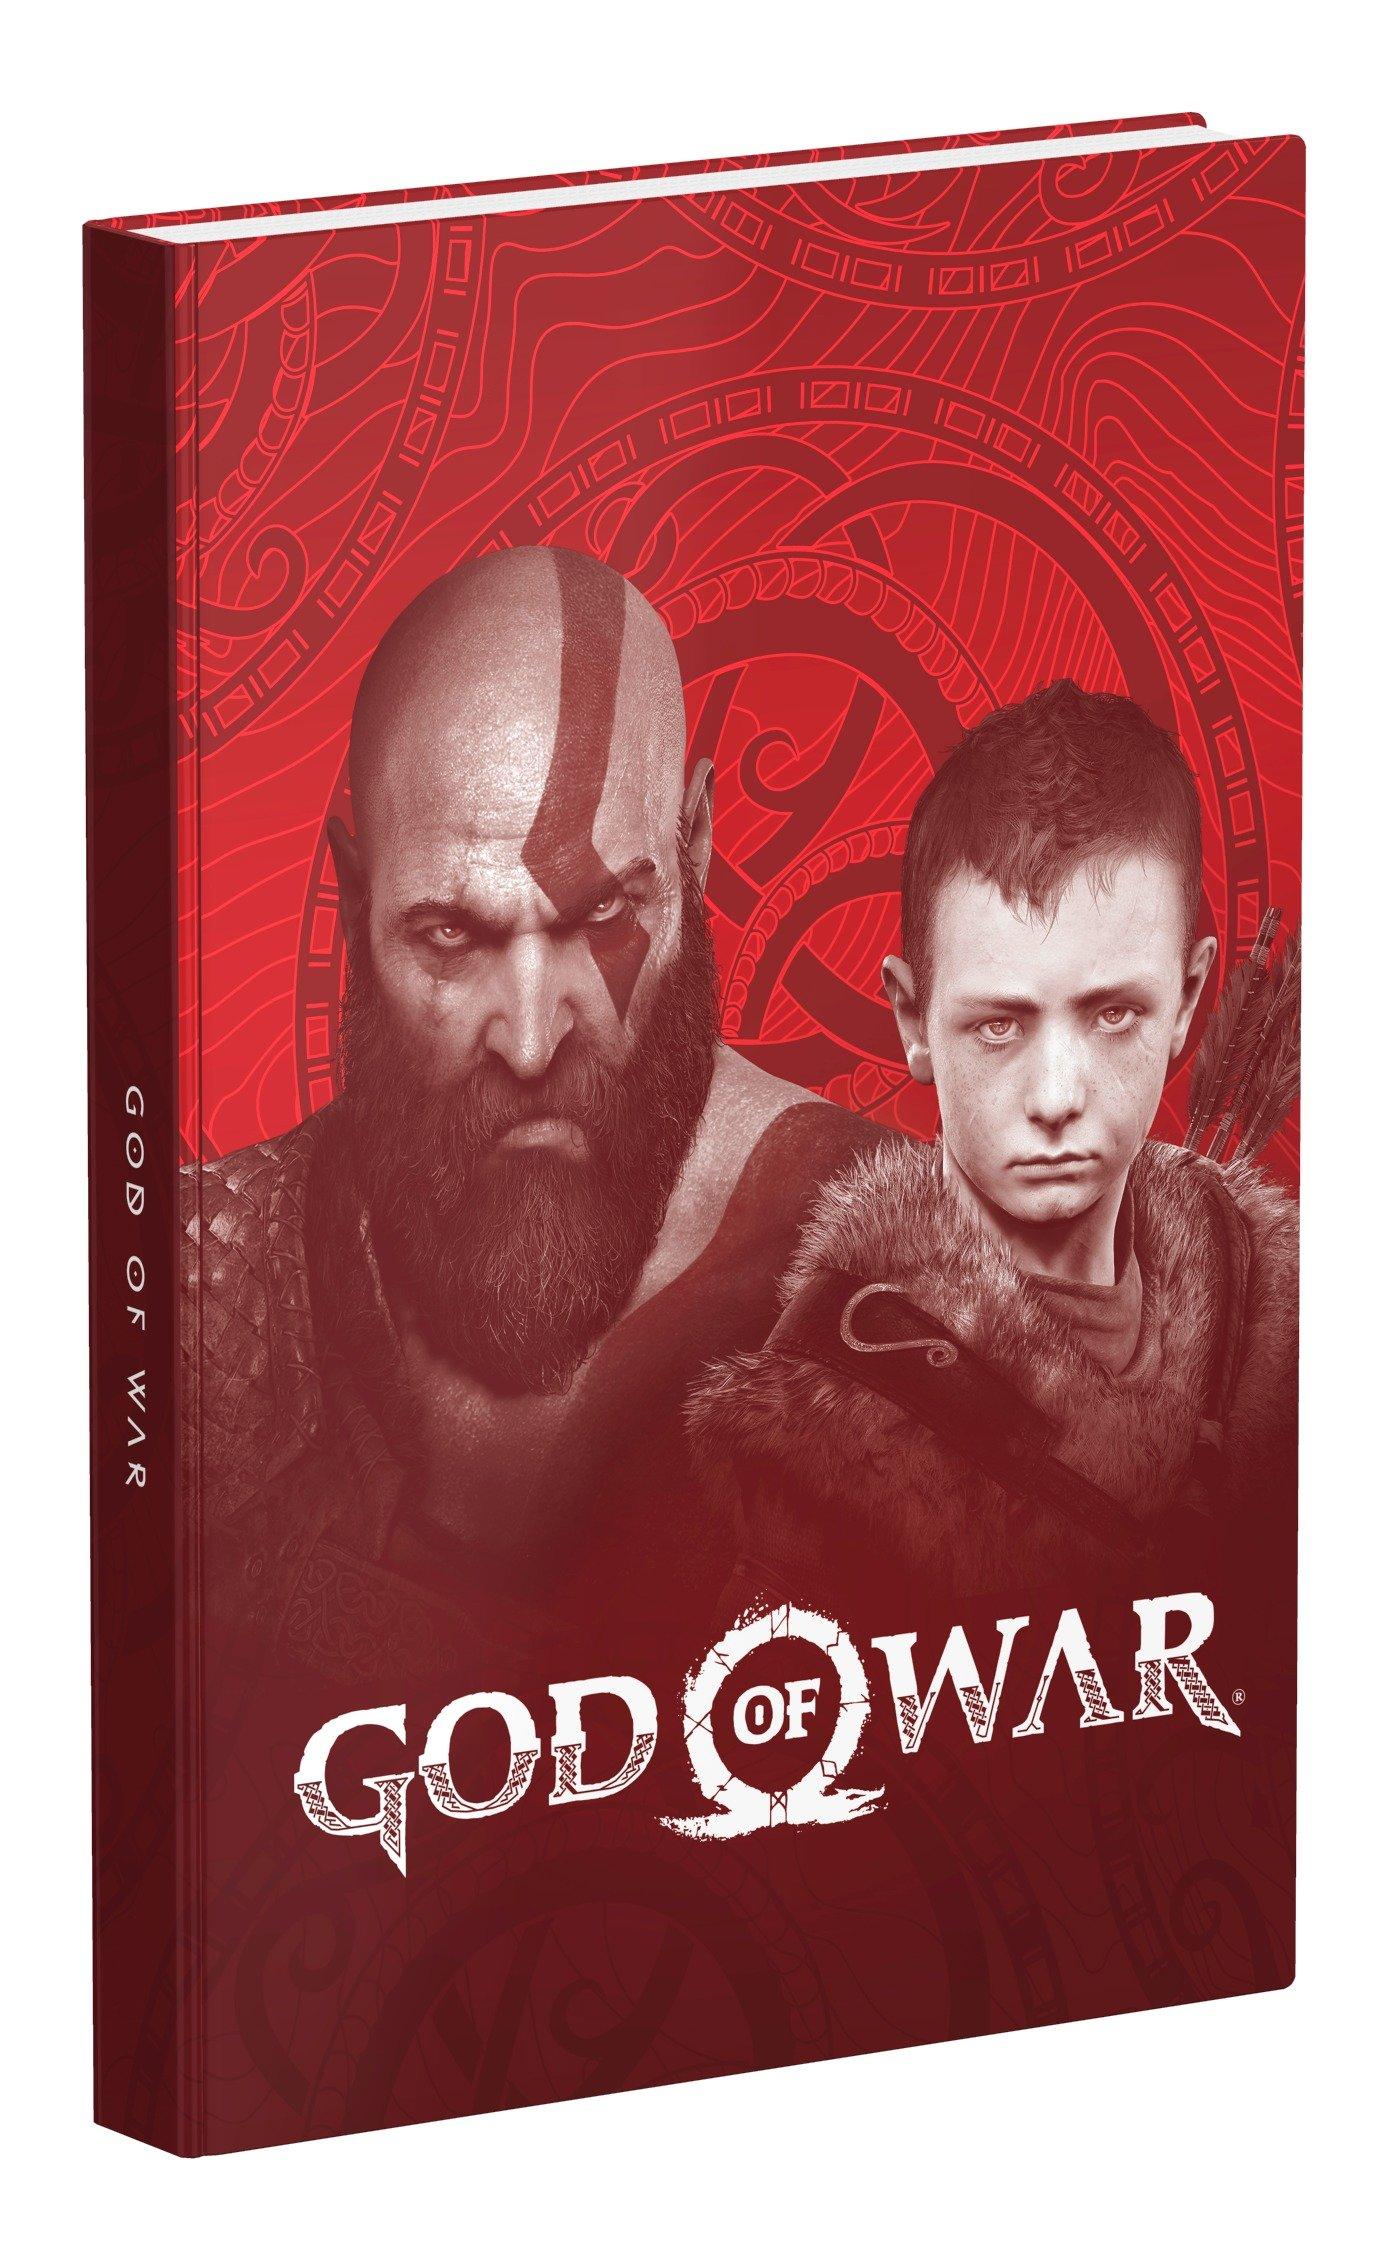 Resultado de imagen de god of war prima games collector's edition guide